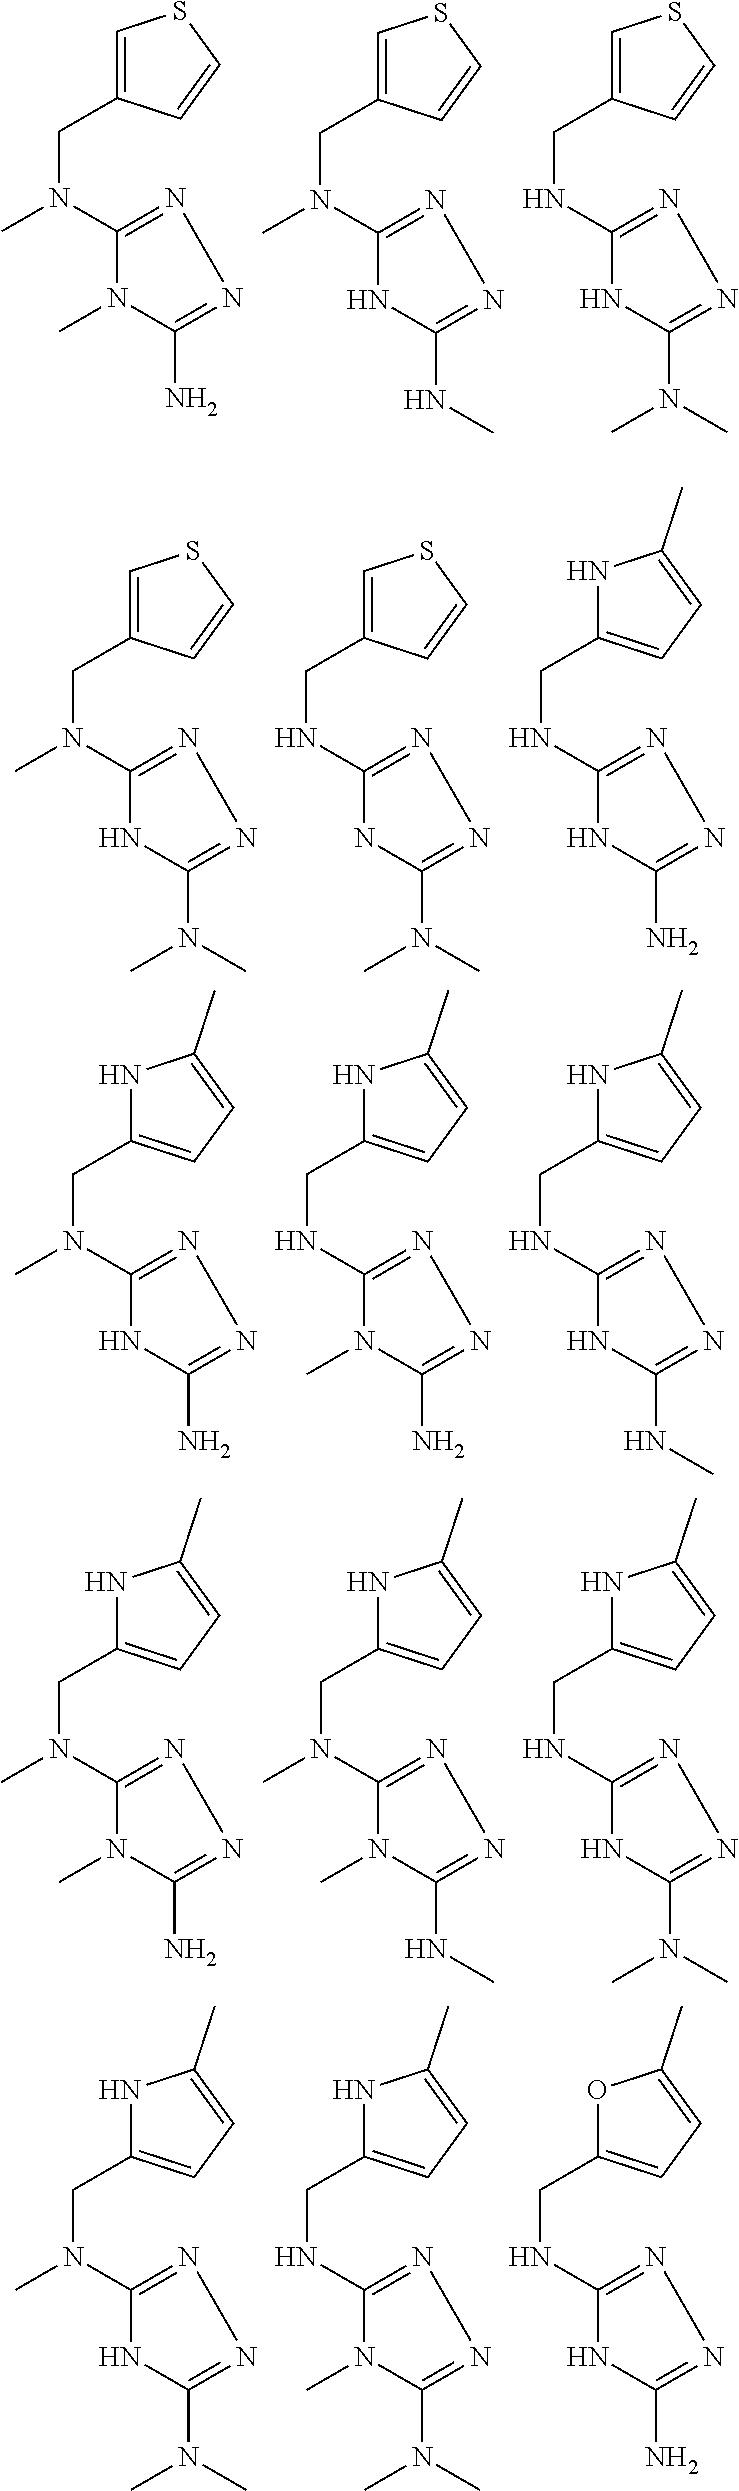 Figure US09480663-20161101-C00080